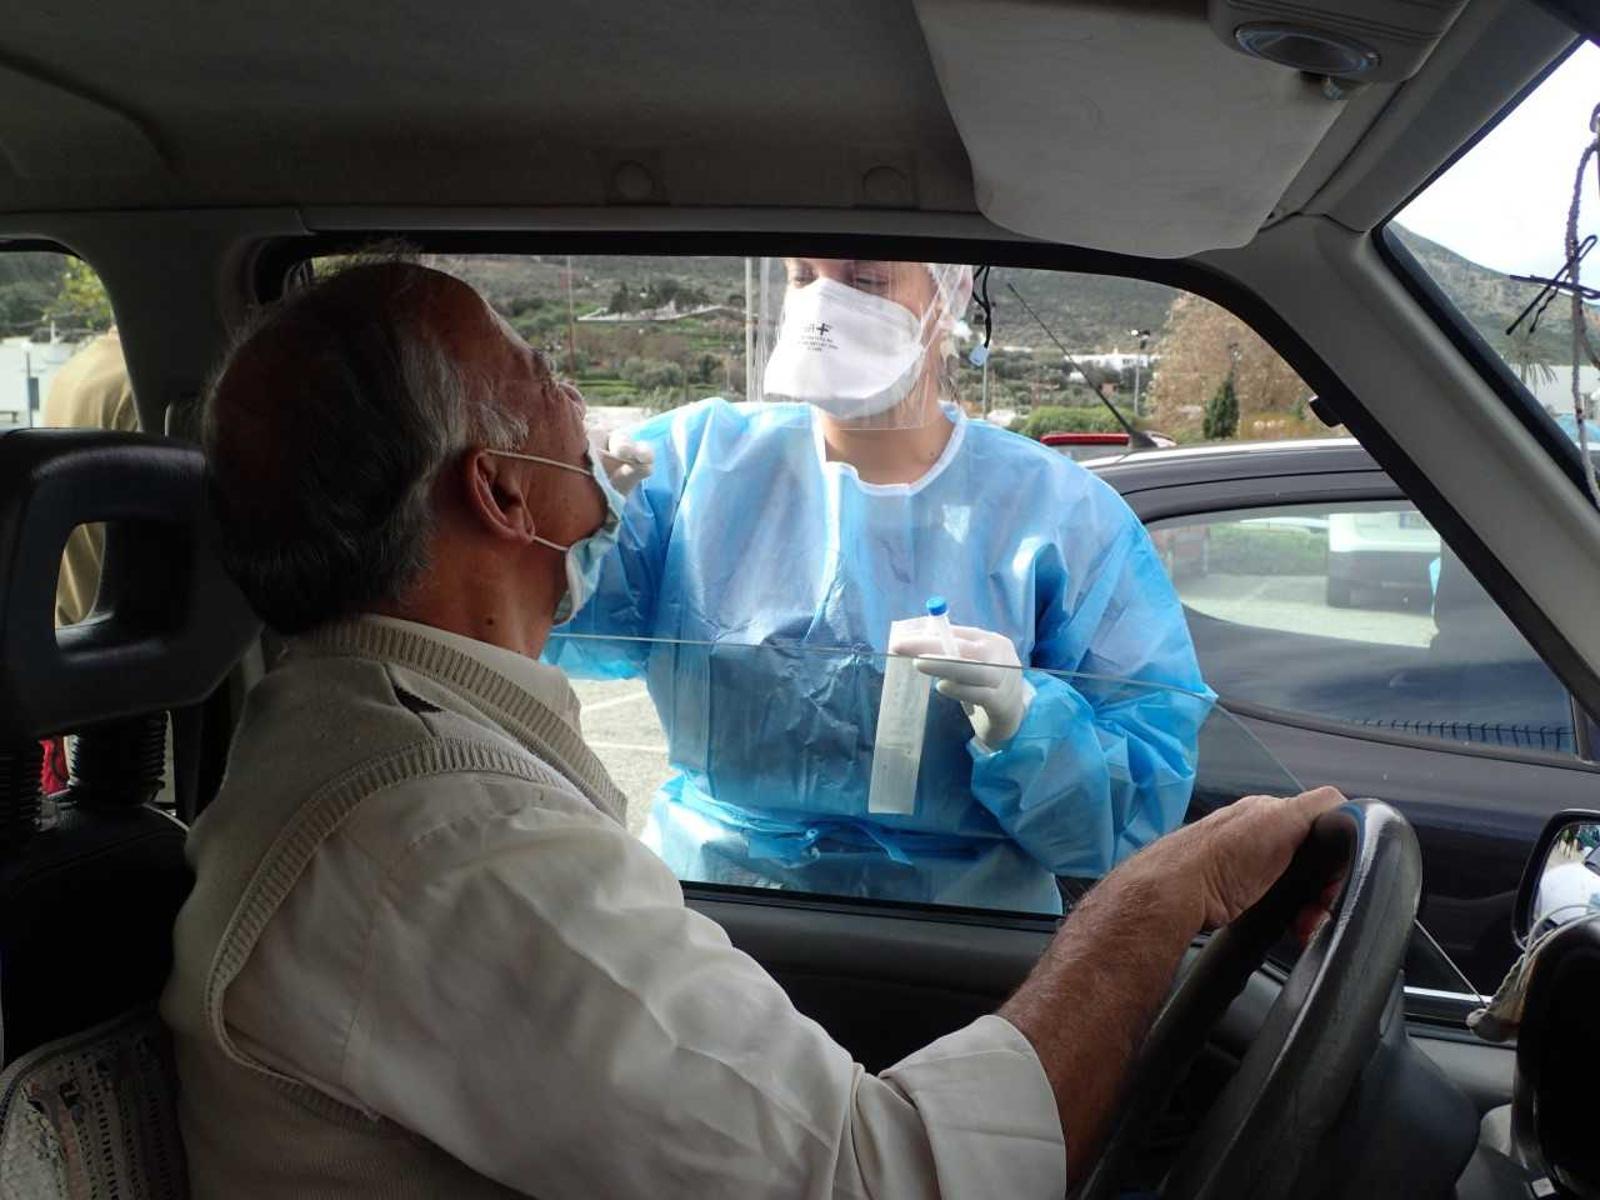 Δήμος Αθηναίων: Rapid test στο αυτοκίνητο στη συμβολή των οδών Πειραιώς και Ερμού